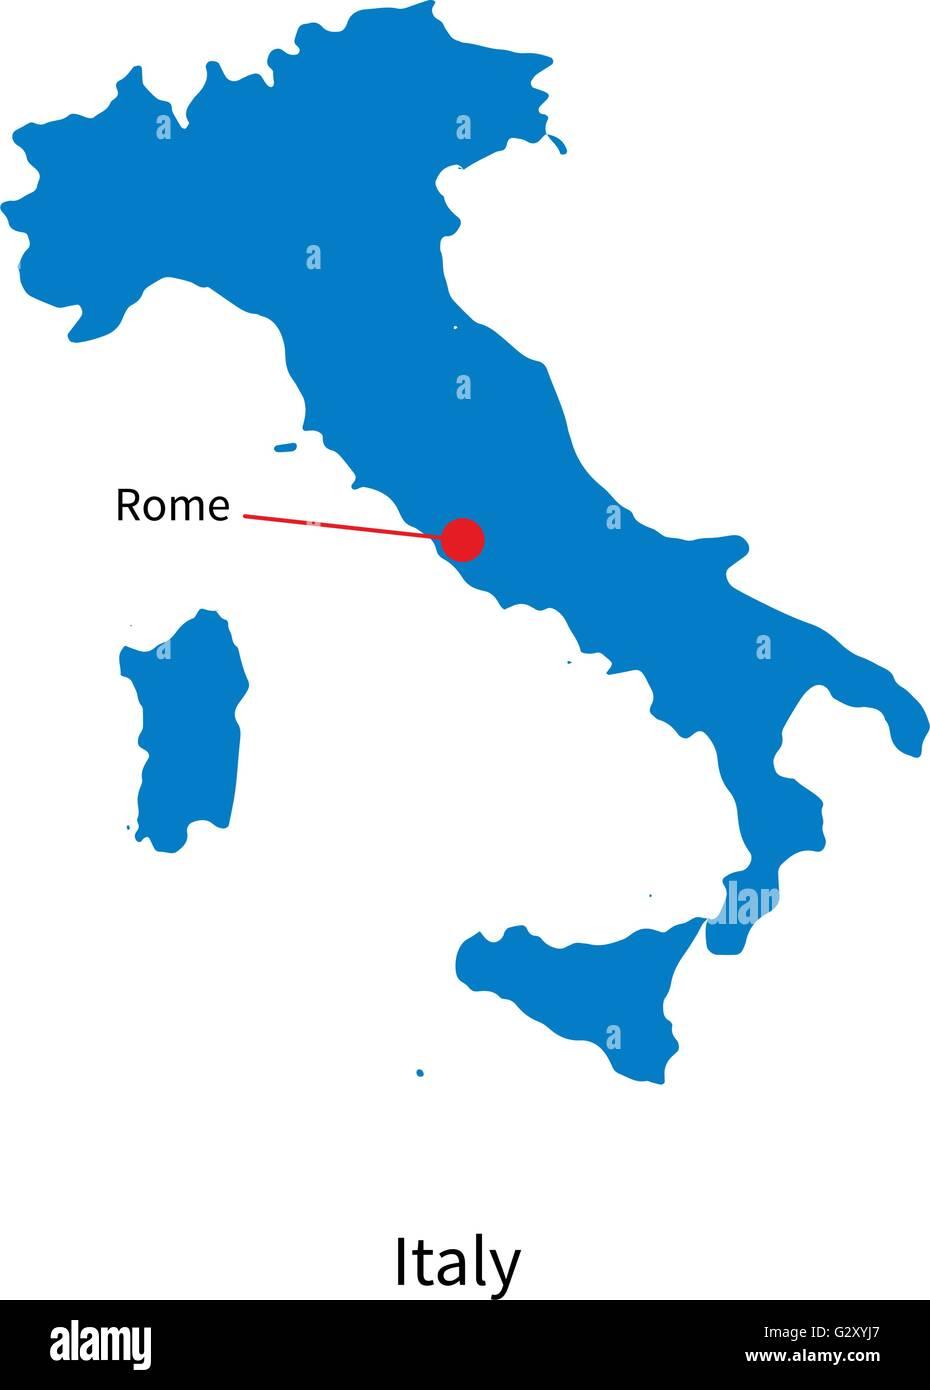 Cartina Dettagliata Roma.Vettore Dettagliata Mappa Di Italia E Citta Capitale Roma Immagine E Vettoriale Alamy